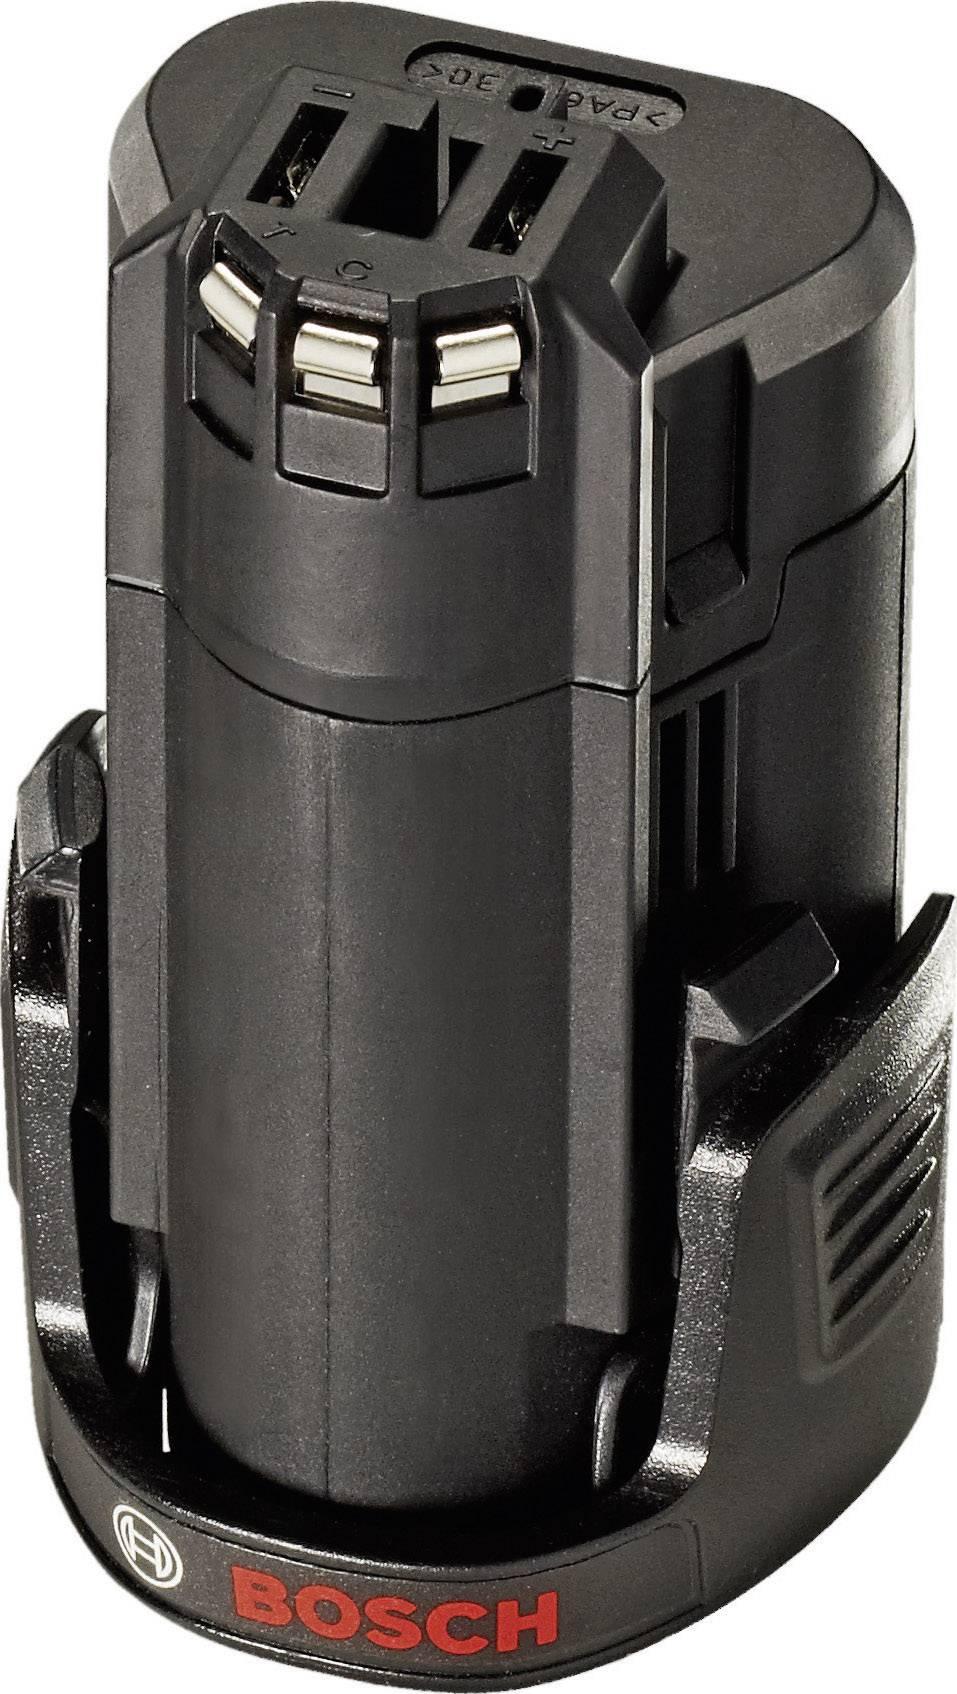 Náhradný akumulátor Bosch, Li-Ion, 10.8 V, 1.3 Ah, 2607336864